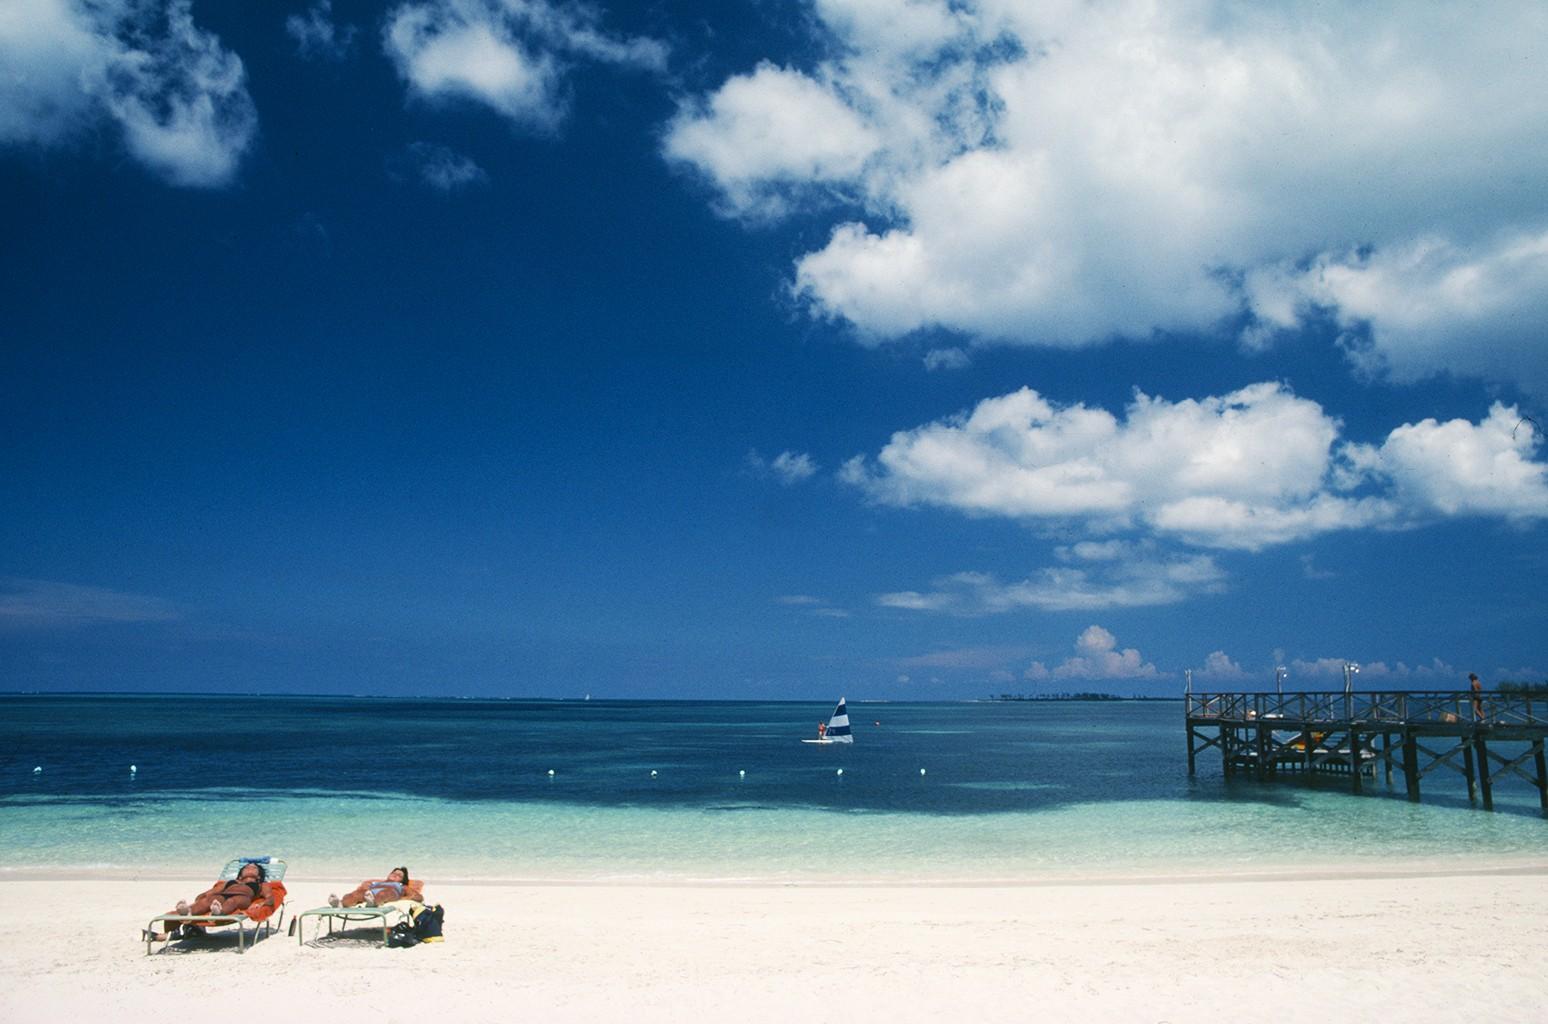 Two women sunbathing on a beach in the Bahamas.